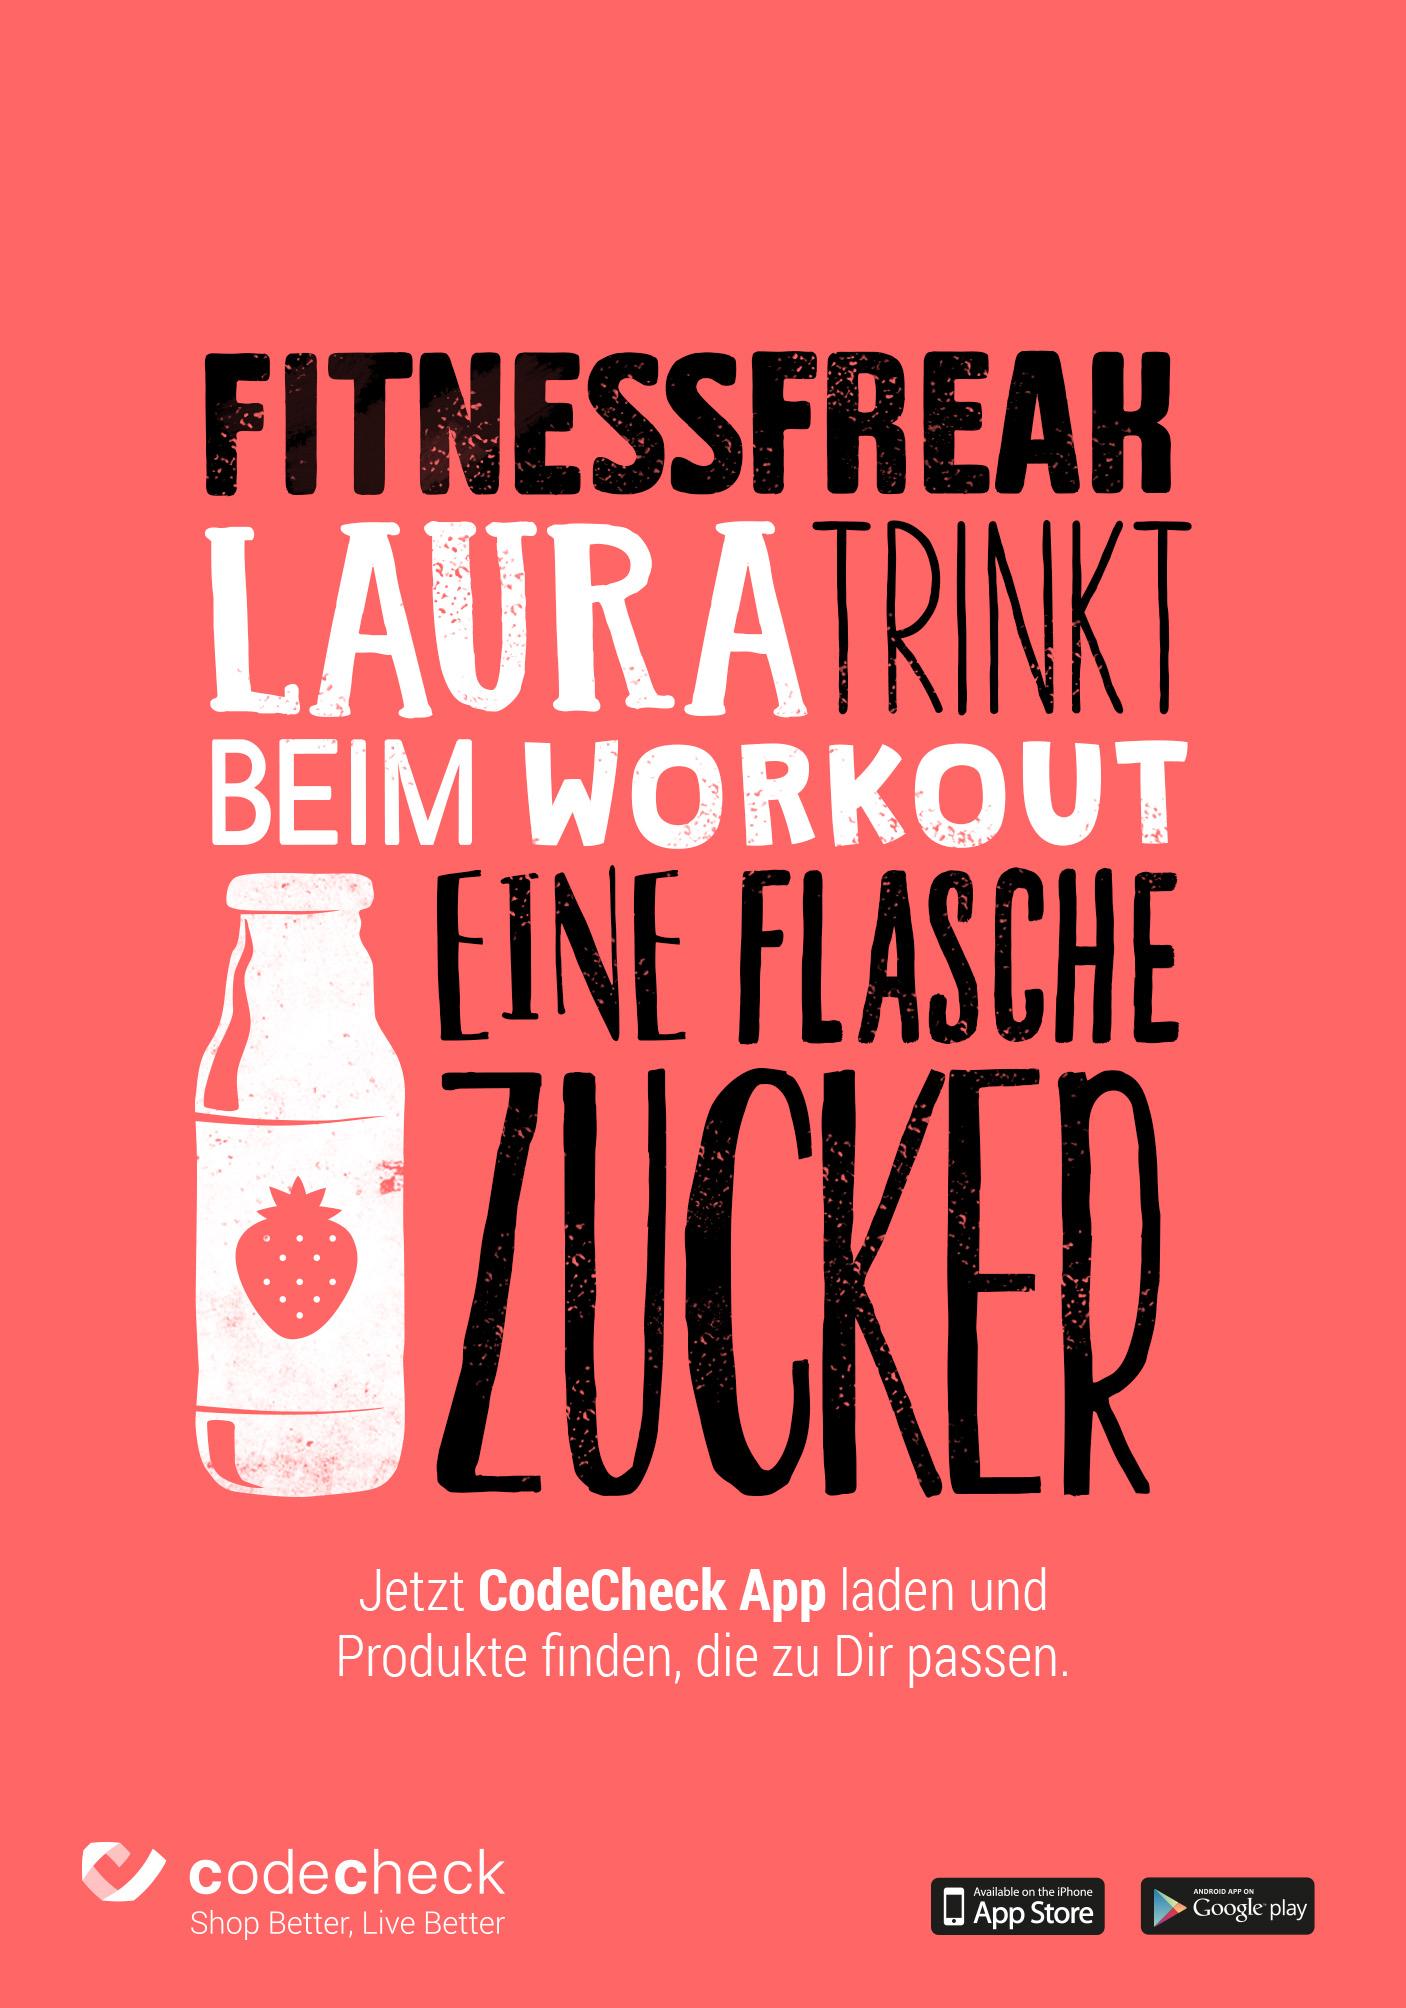 Codecheck_Plakat_Fitnessfreak